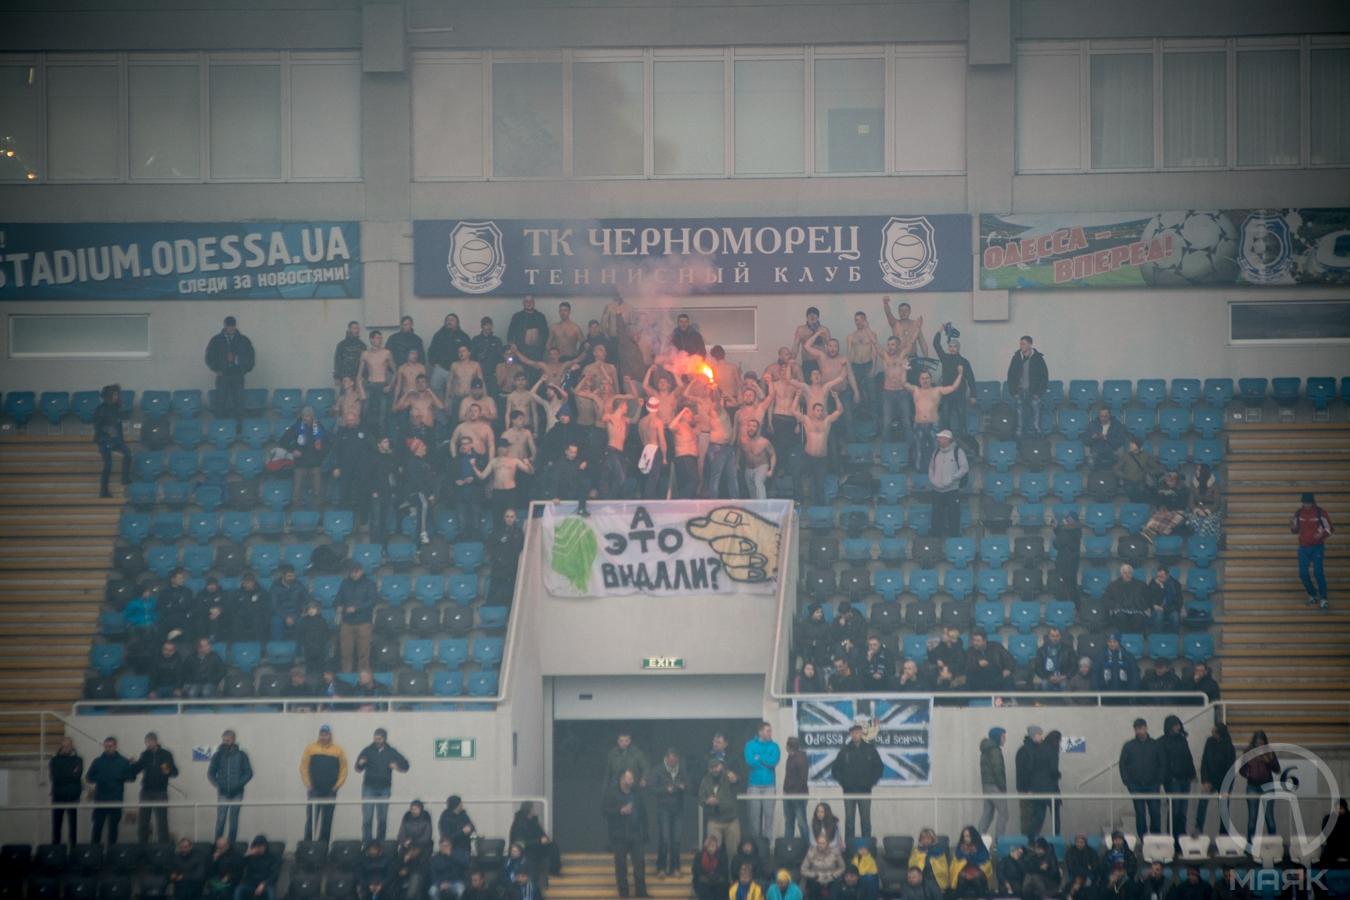 Черноморец-карпаты марш (47)